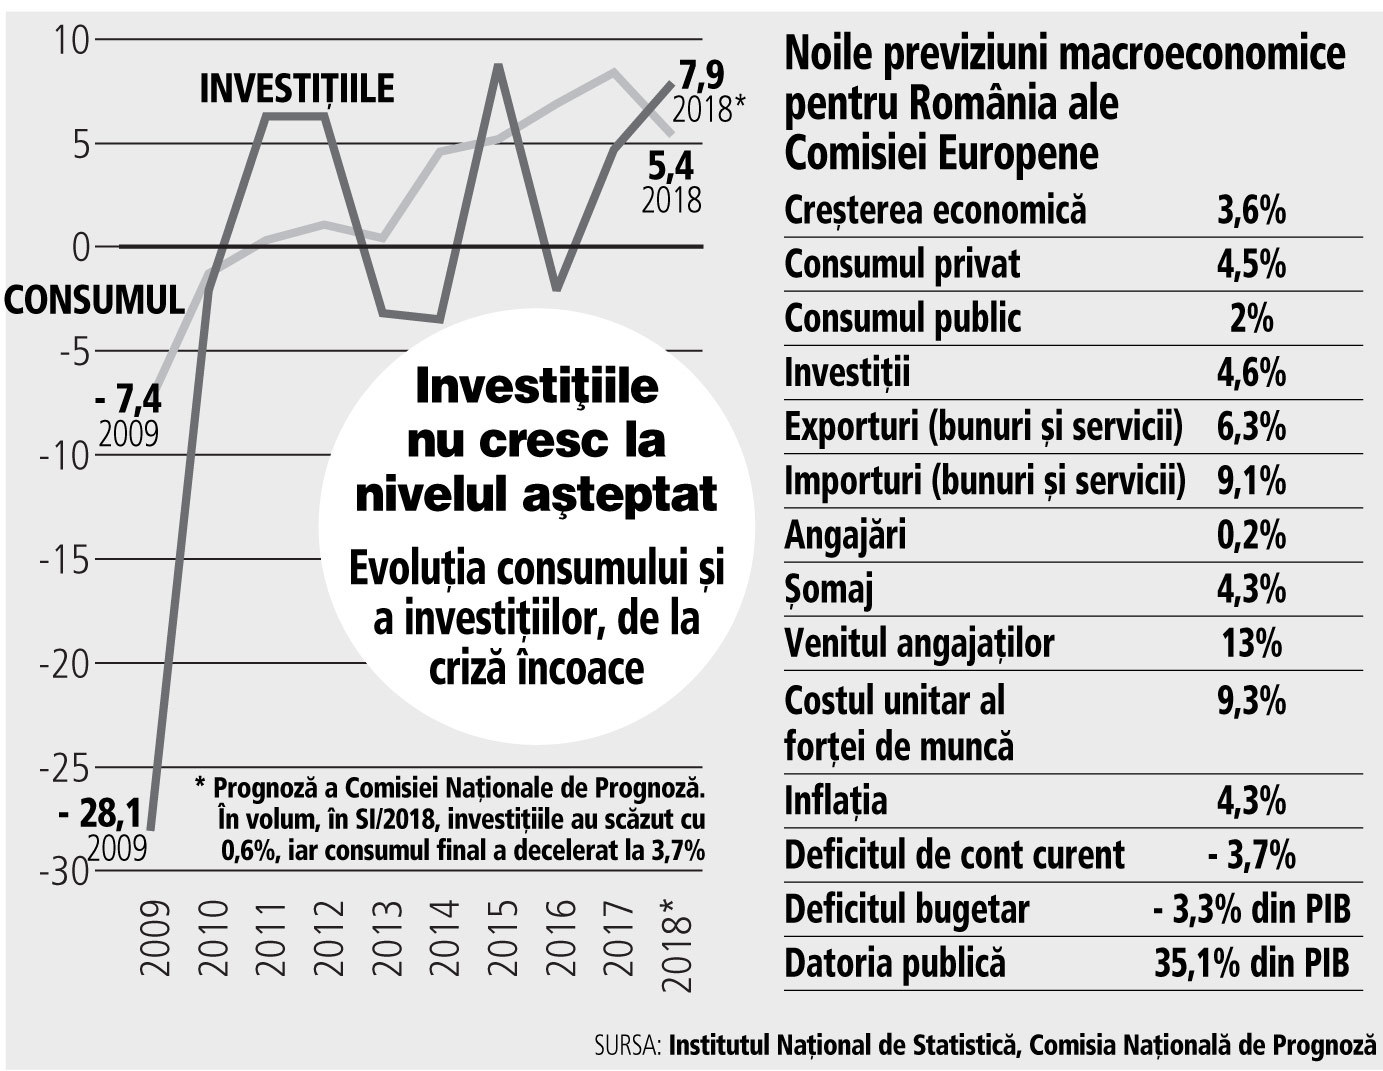 Comisia Europeană a redus prognozele de creştere economică la 3,6%. Consumul scade, iar investiţiile nu se grăbesc să-i ia locul ca motor al creşterii economice